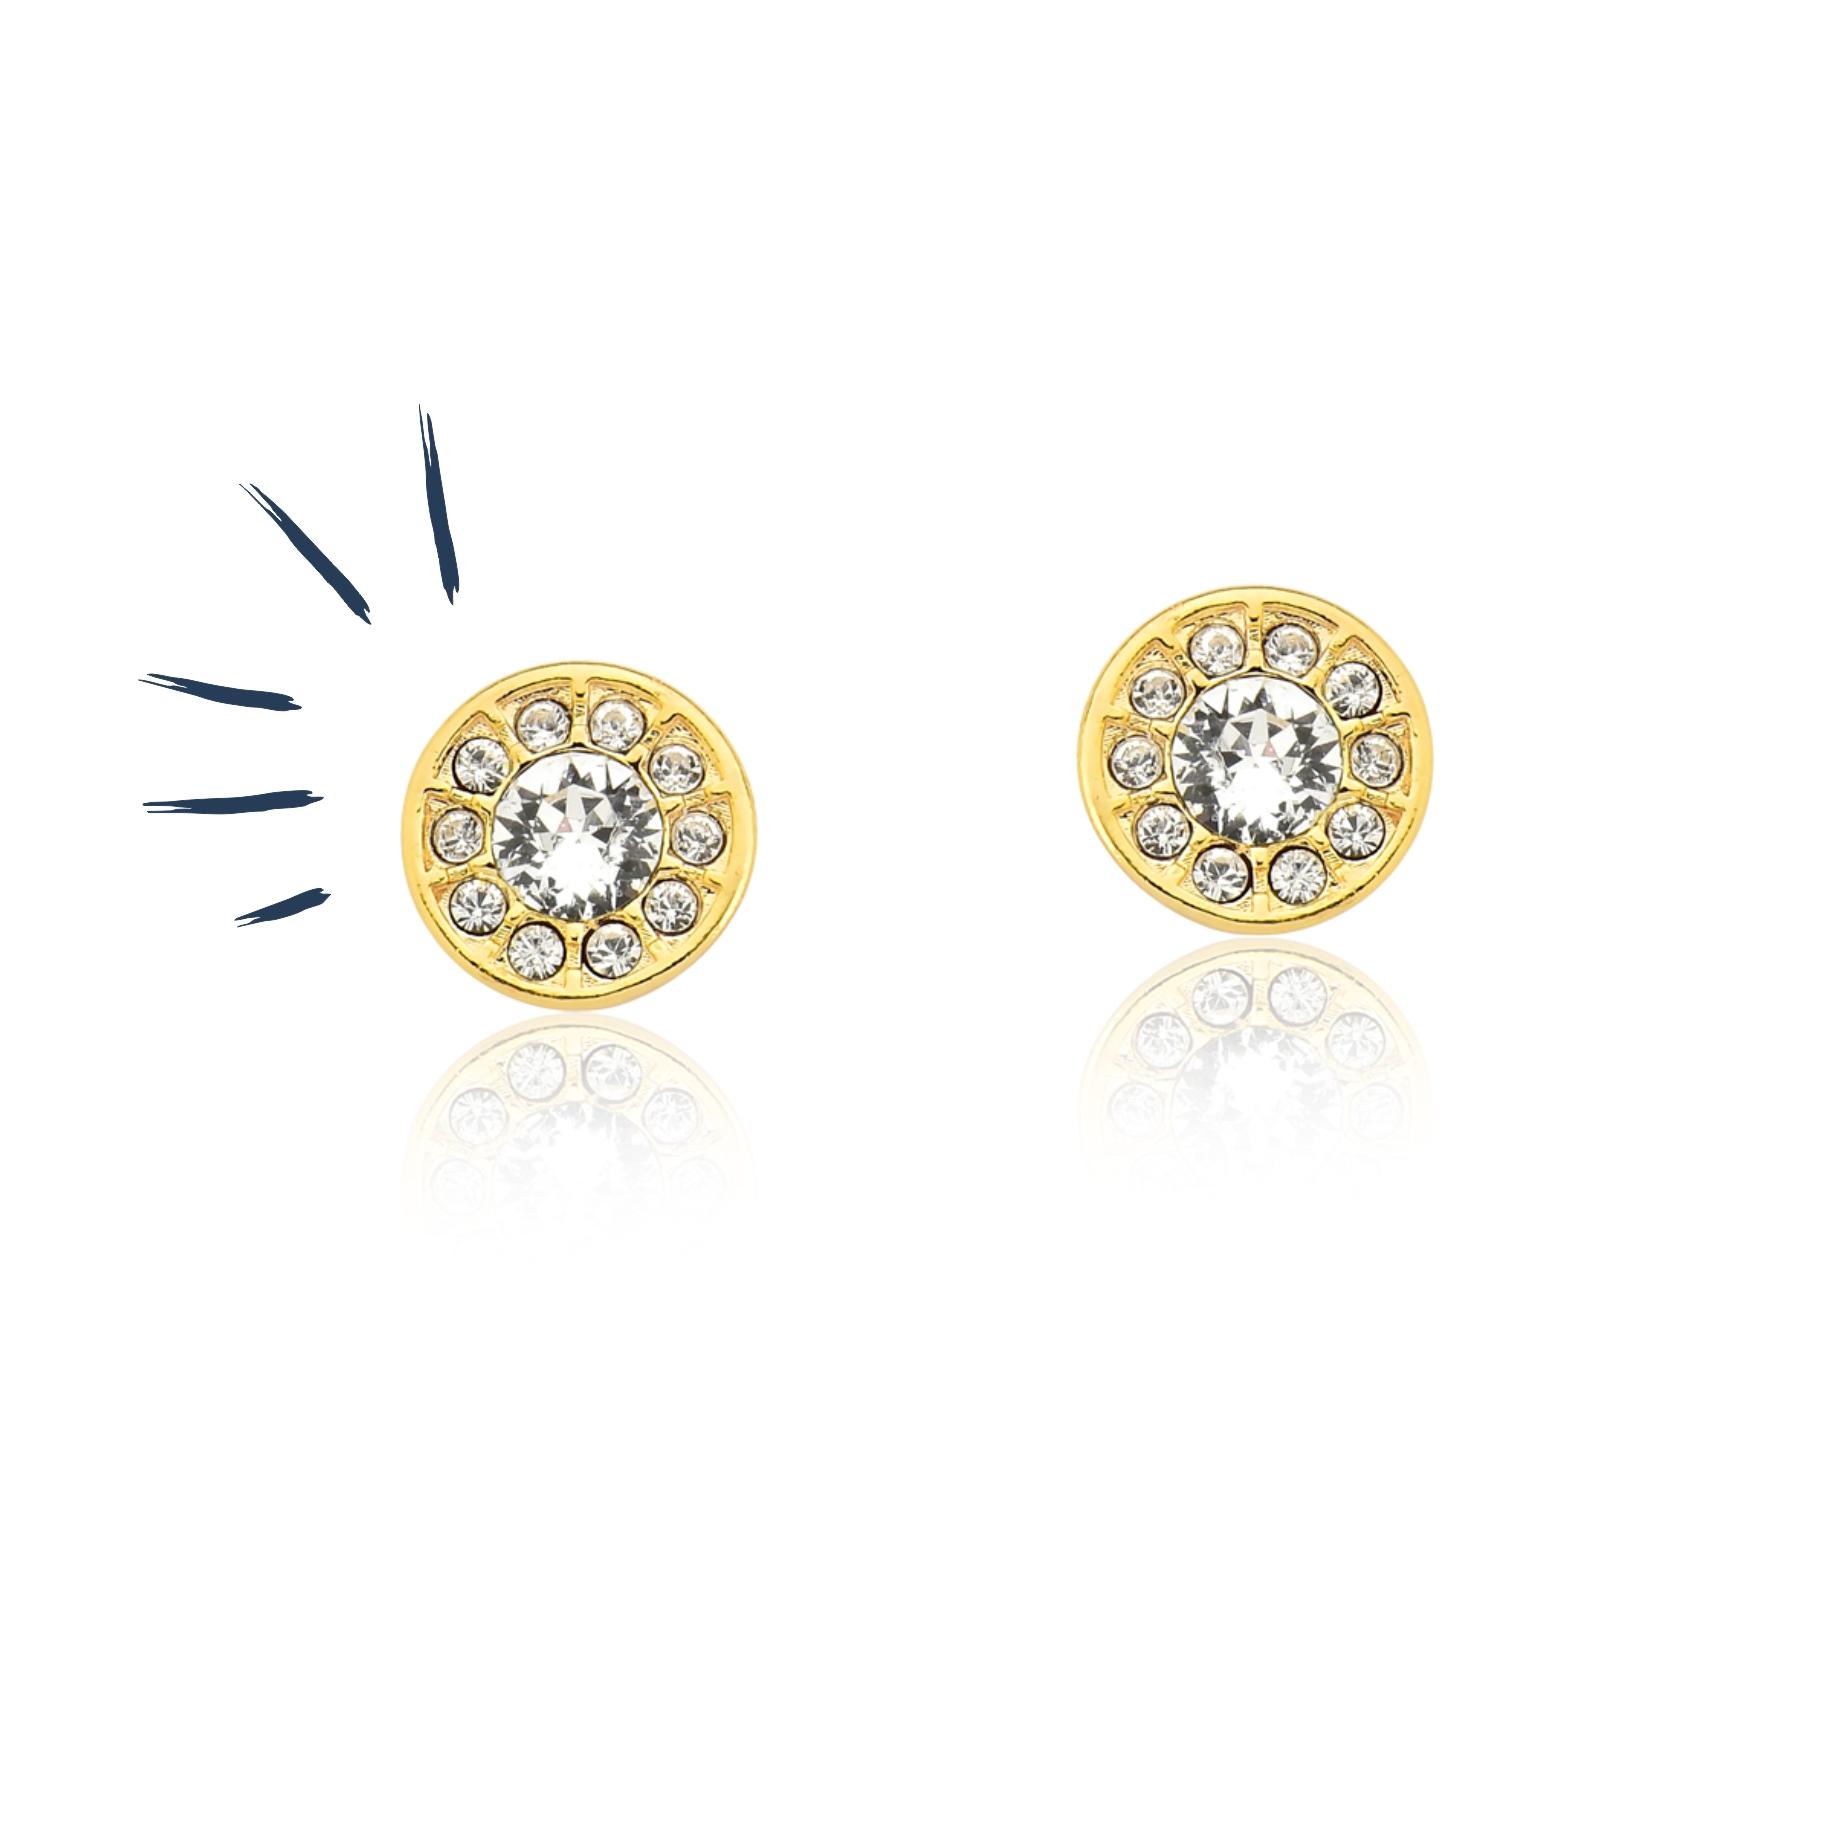 Brinco Spot Light Crystals com Revestimento em Ouro